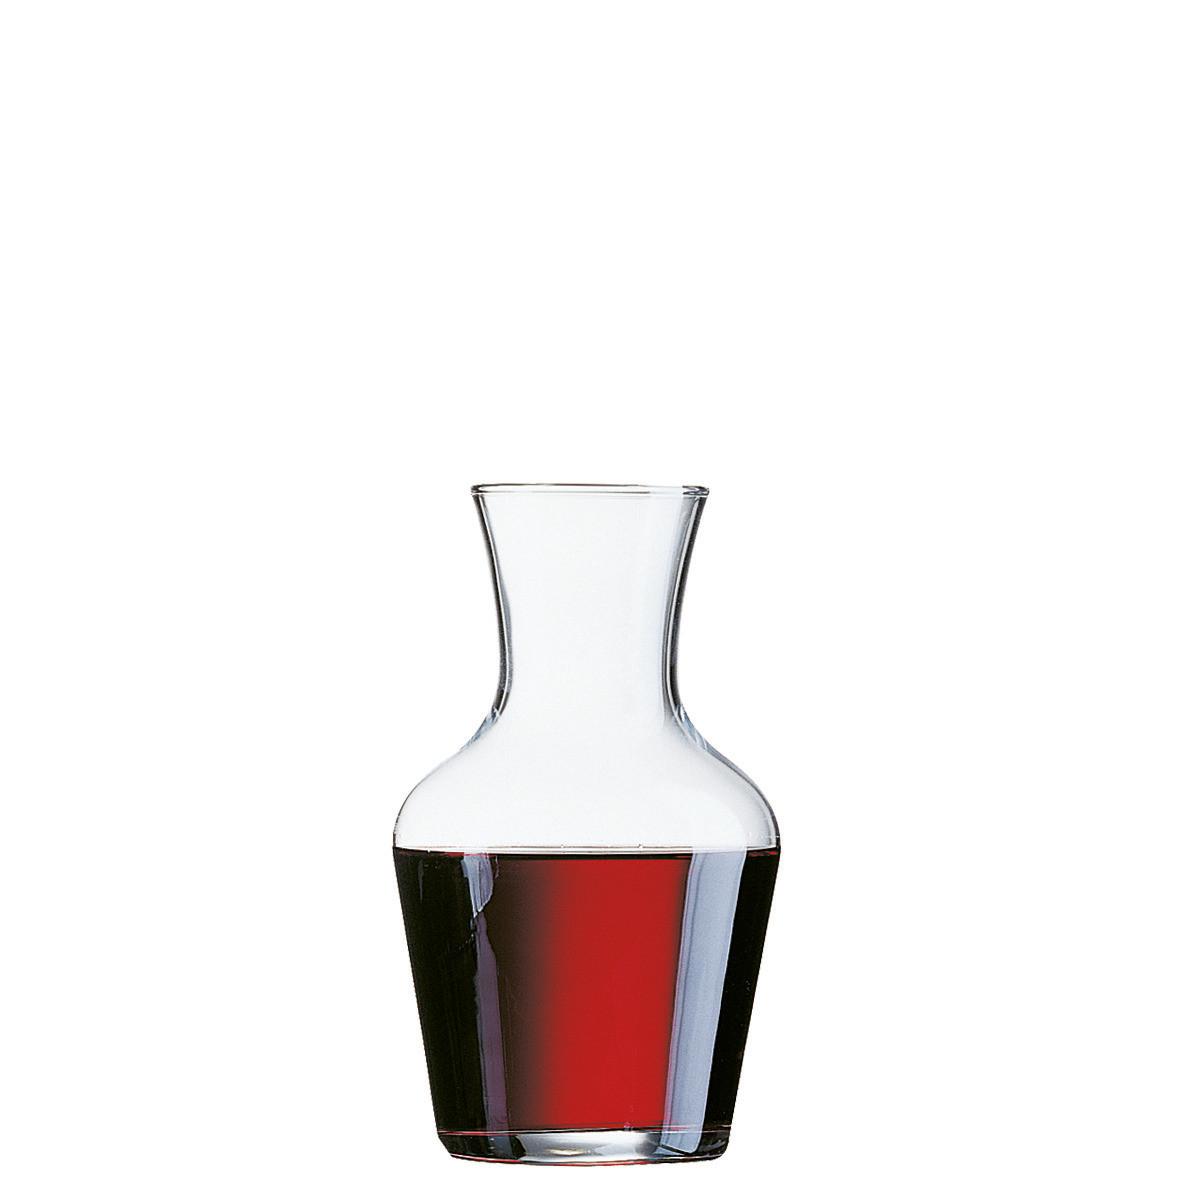 Carafon Vin, Glaskaraffe ø 96 mm / 0,58 l 0,25 /-/